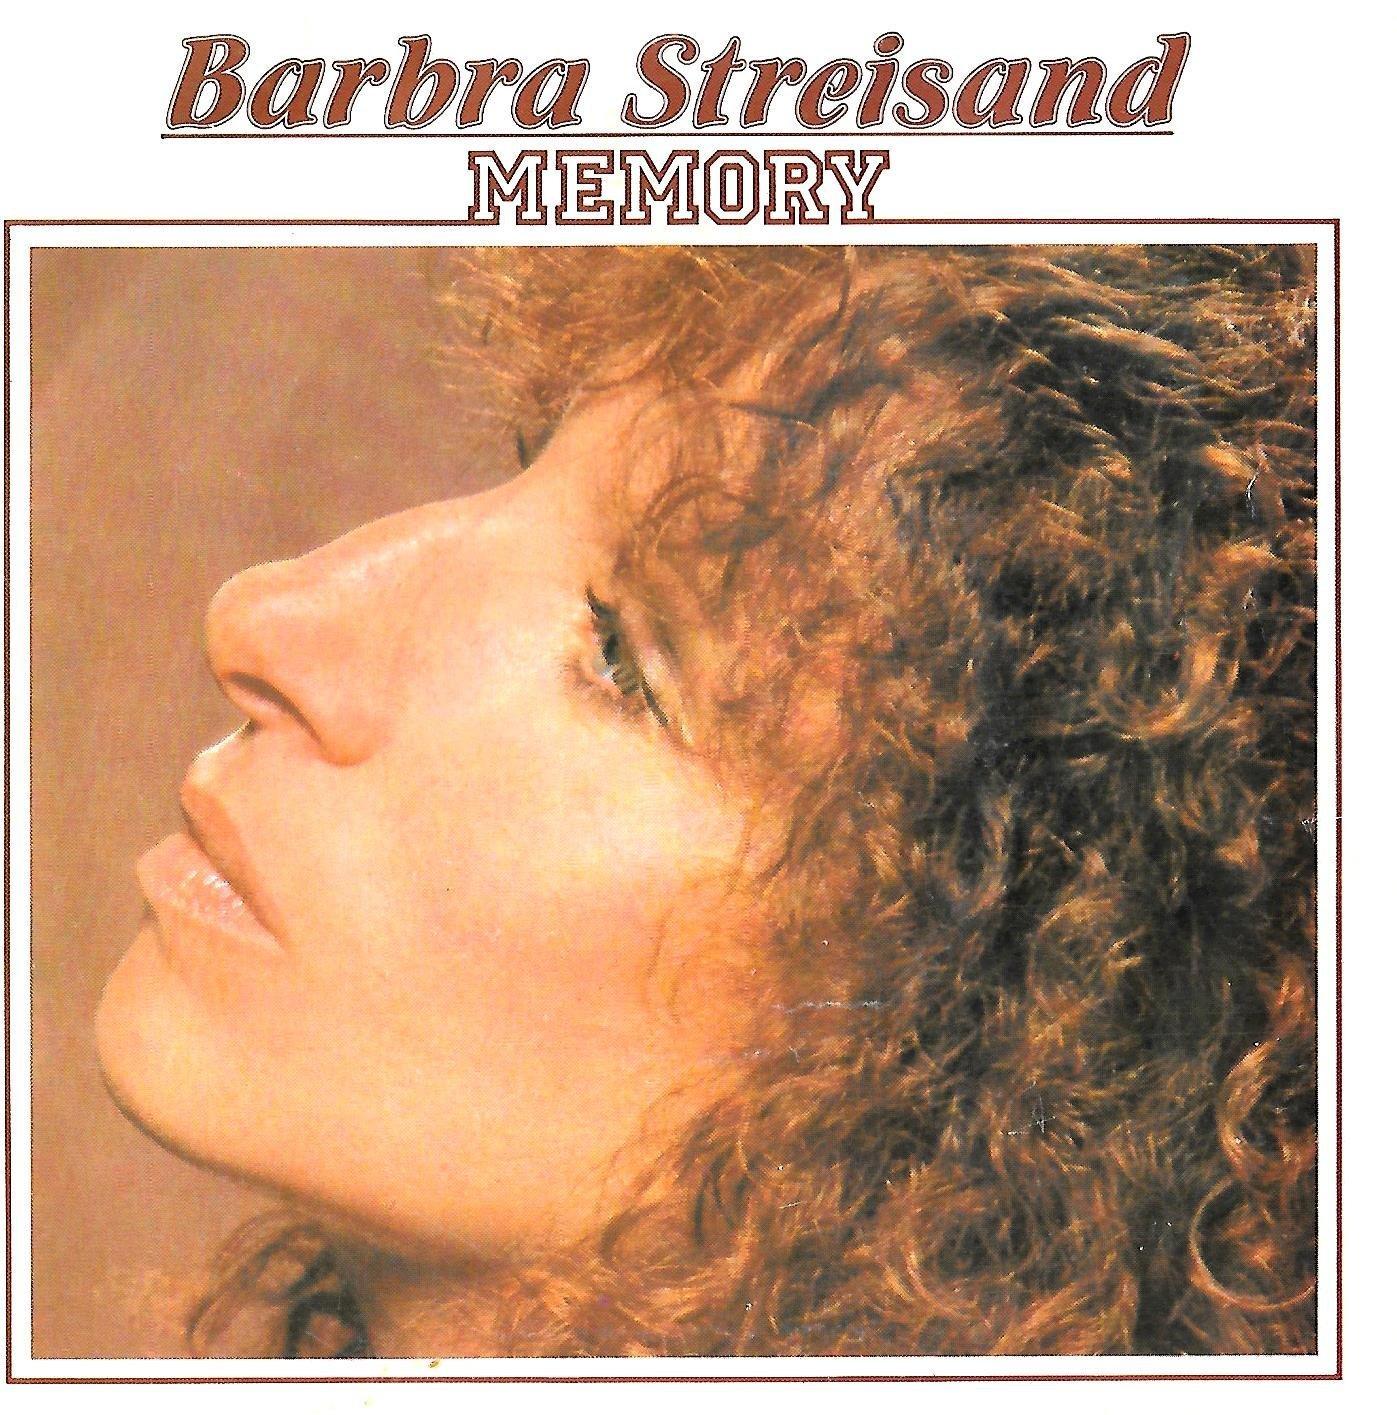 Barbra Streisand: Memory [7